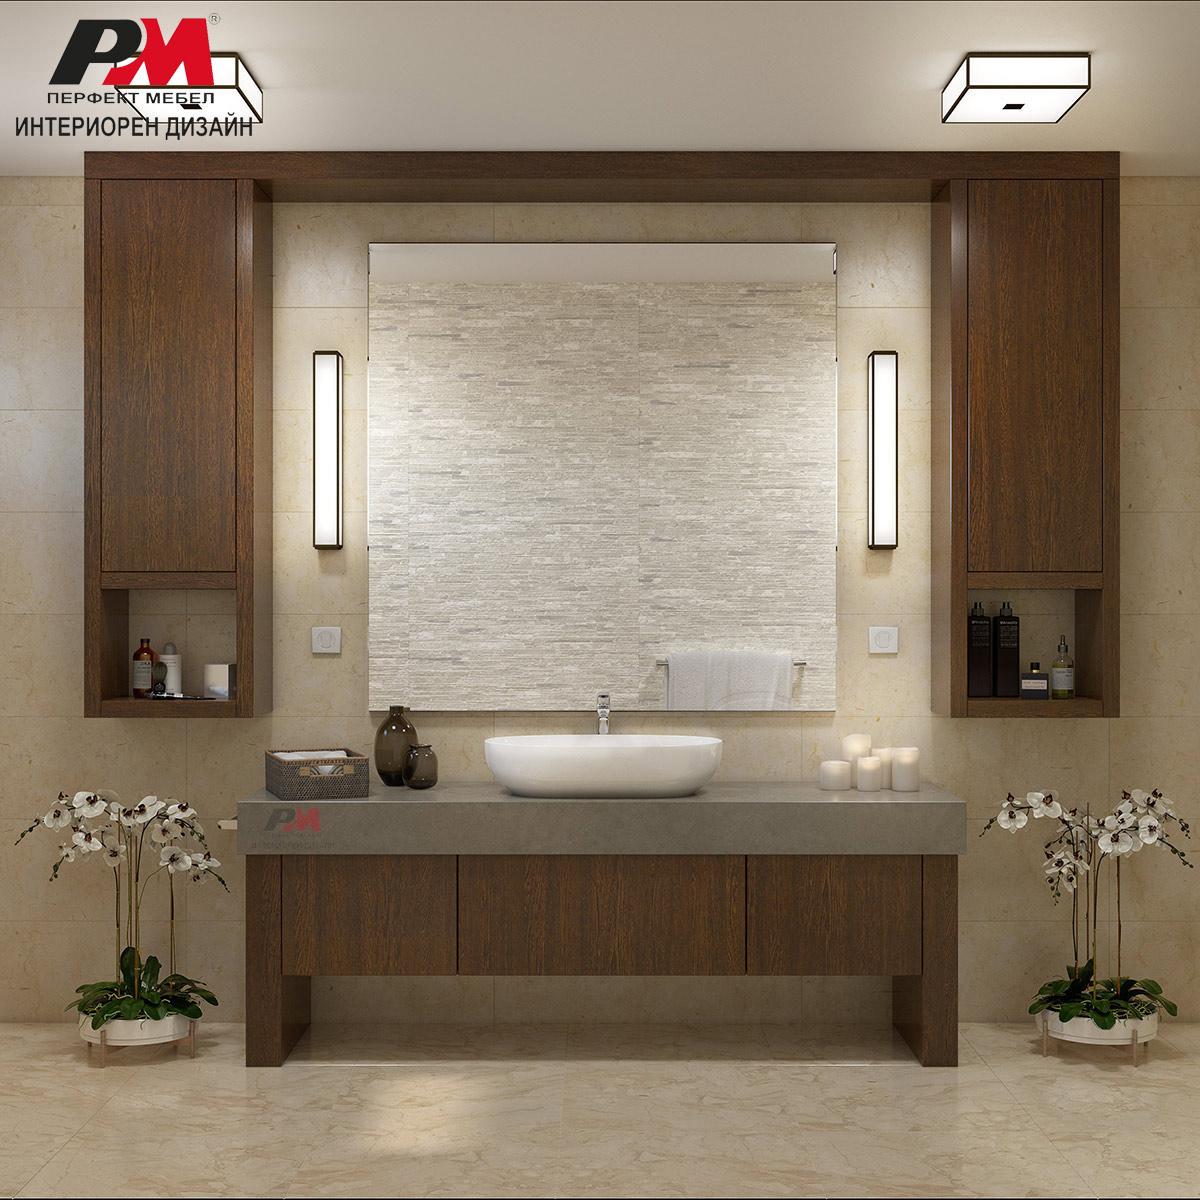 Луксозен и нтериорен дизайн и стилна графична линия в модерната баня